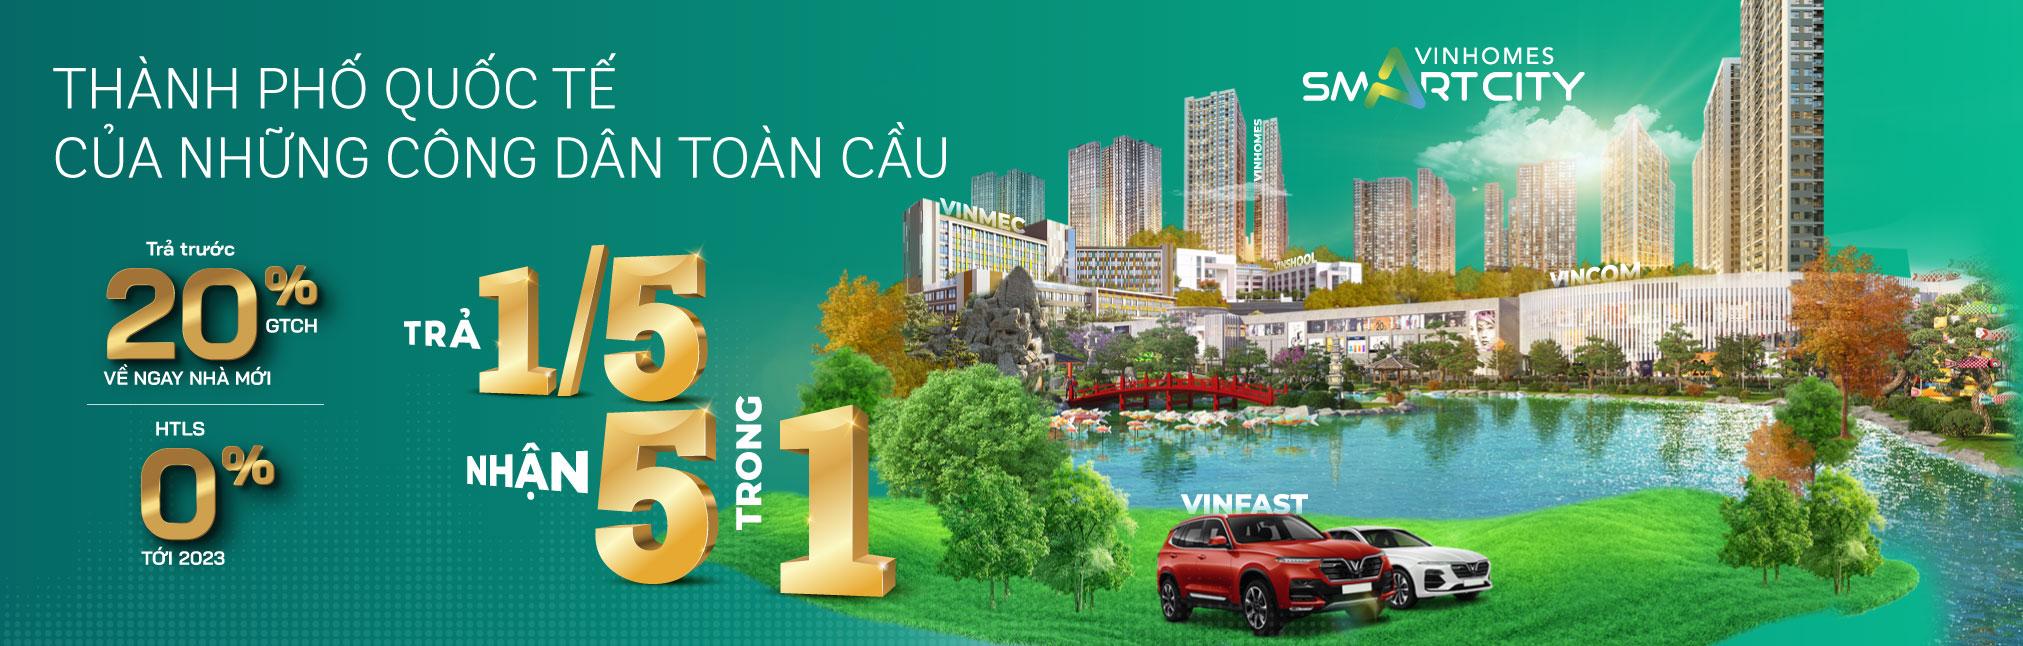 du-an-vinhomes-smart-city